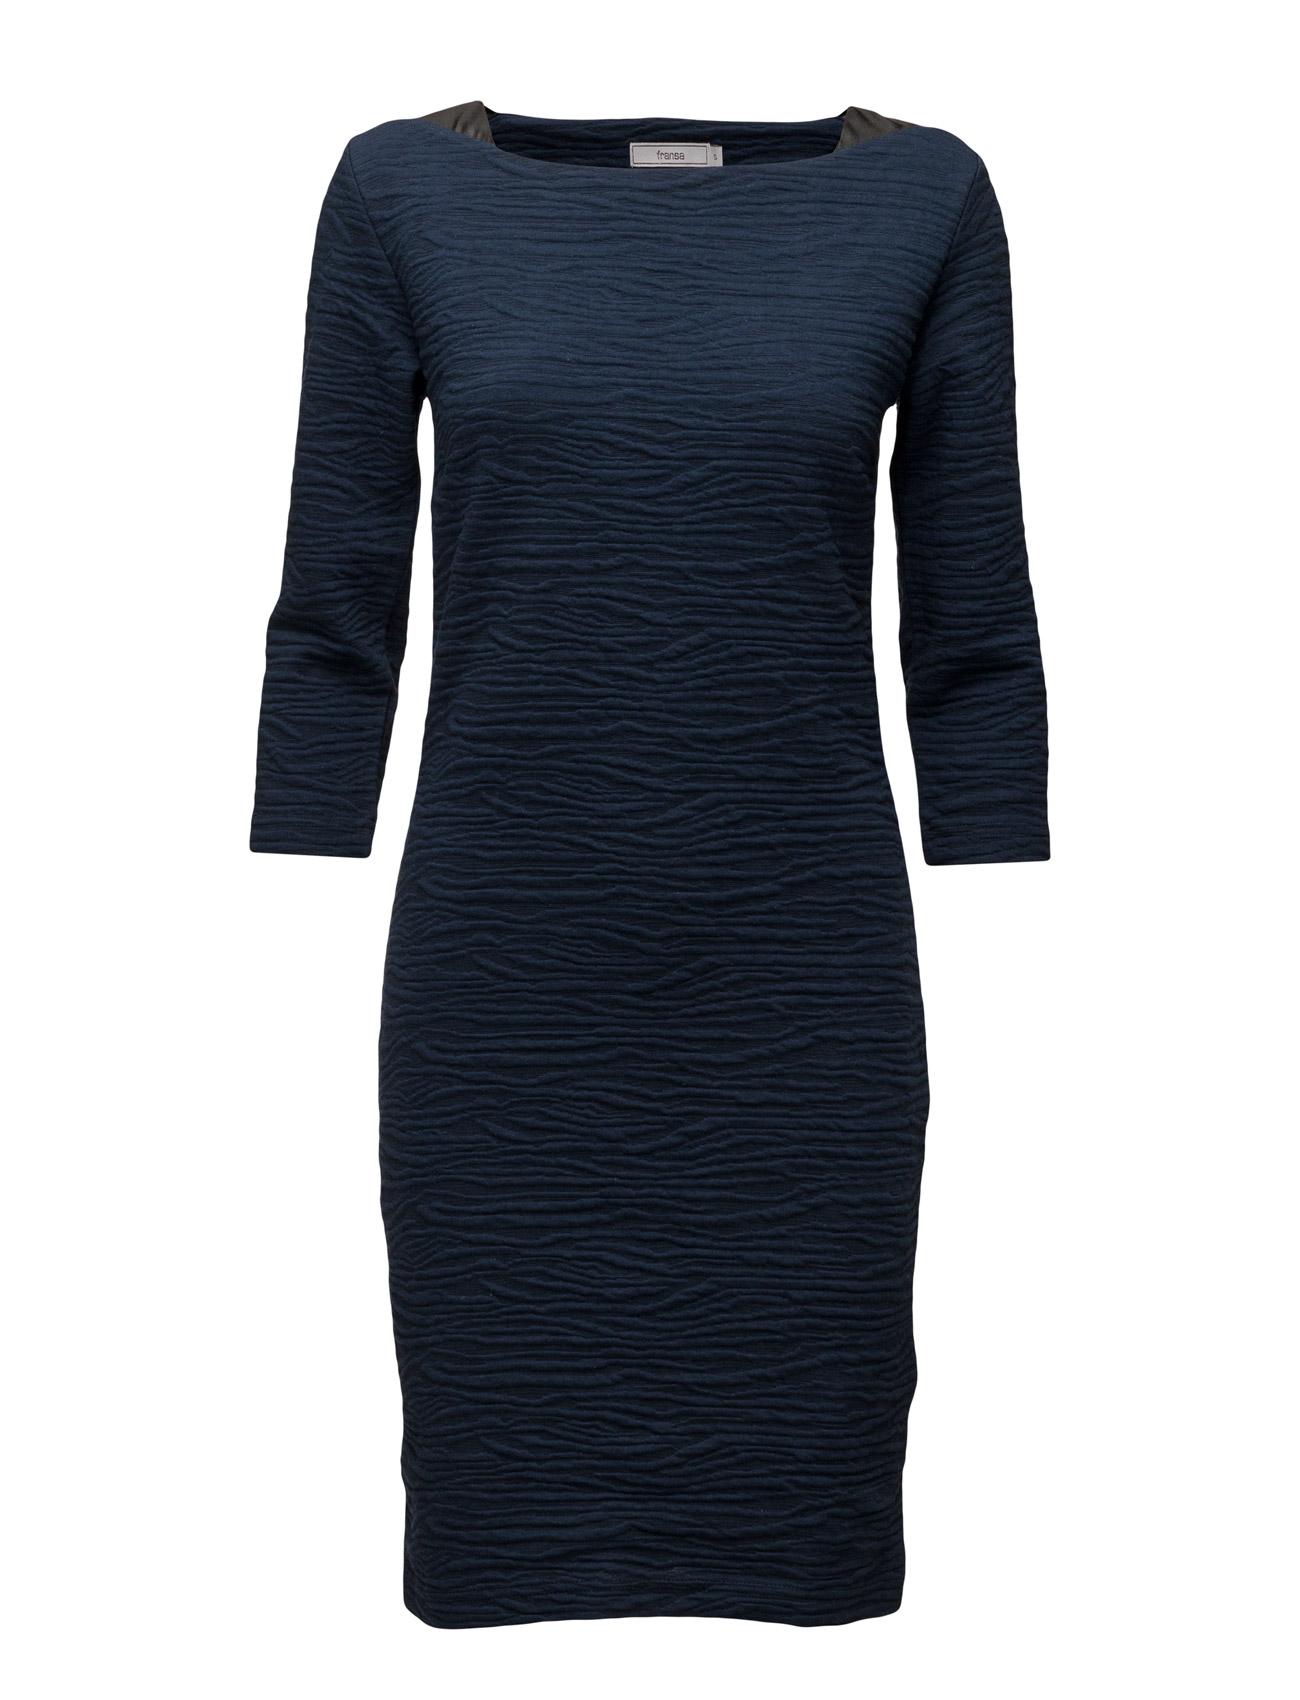 Fitine 1 Dress Fransa Knælange & mellemlange til Kvinder i Black Iris Mix